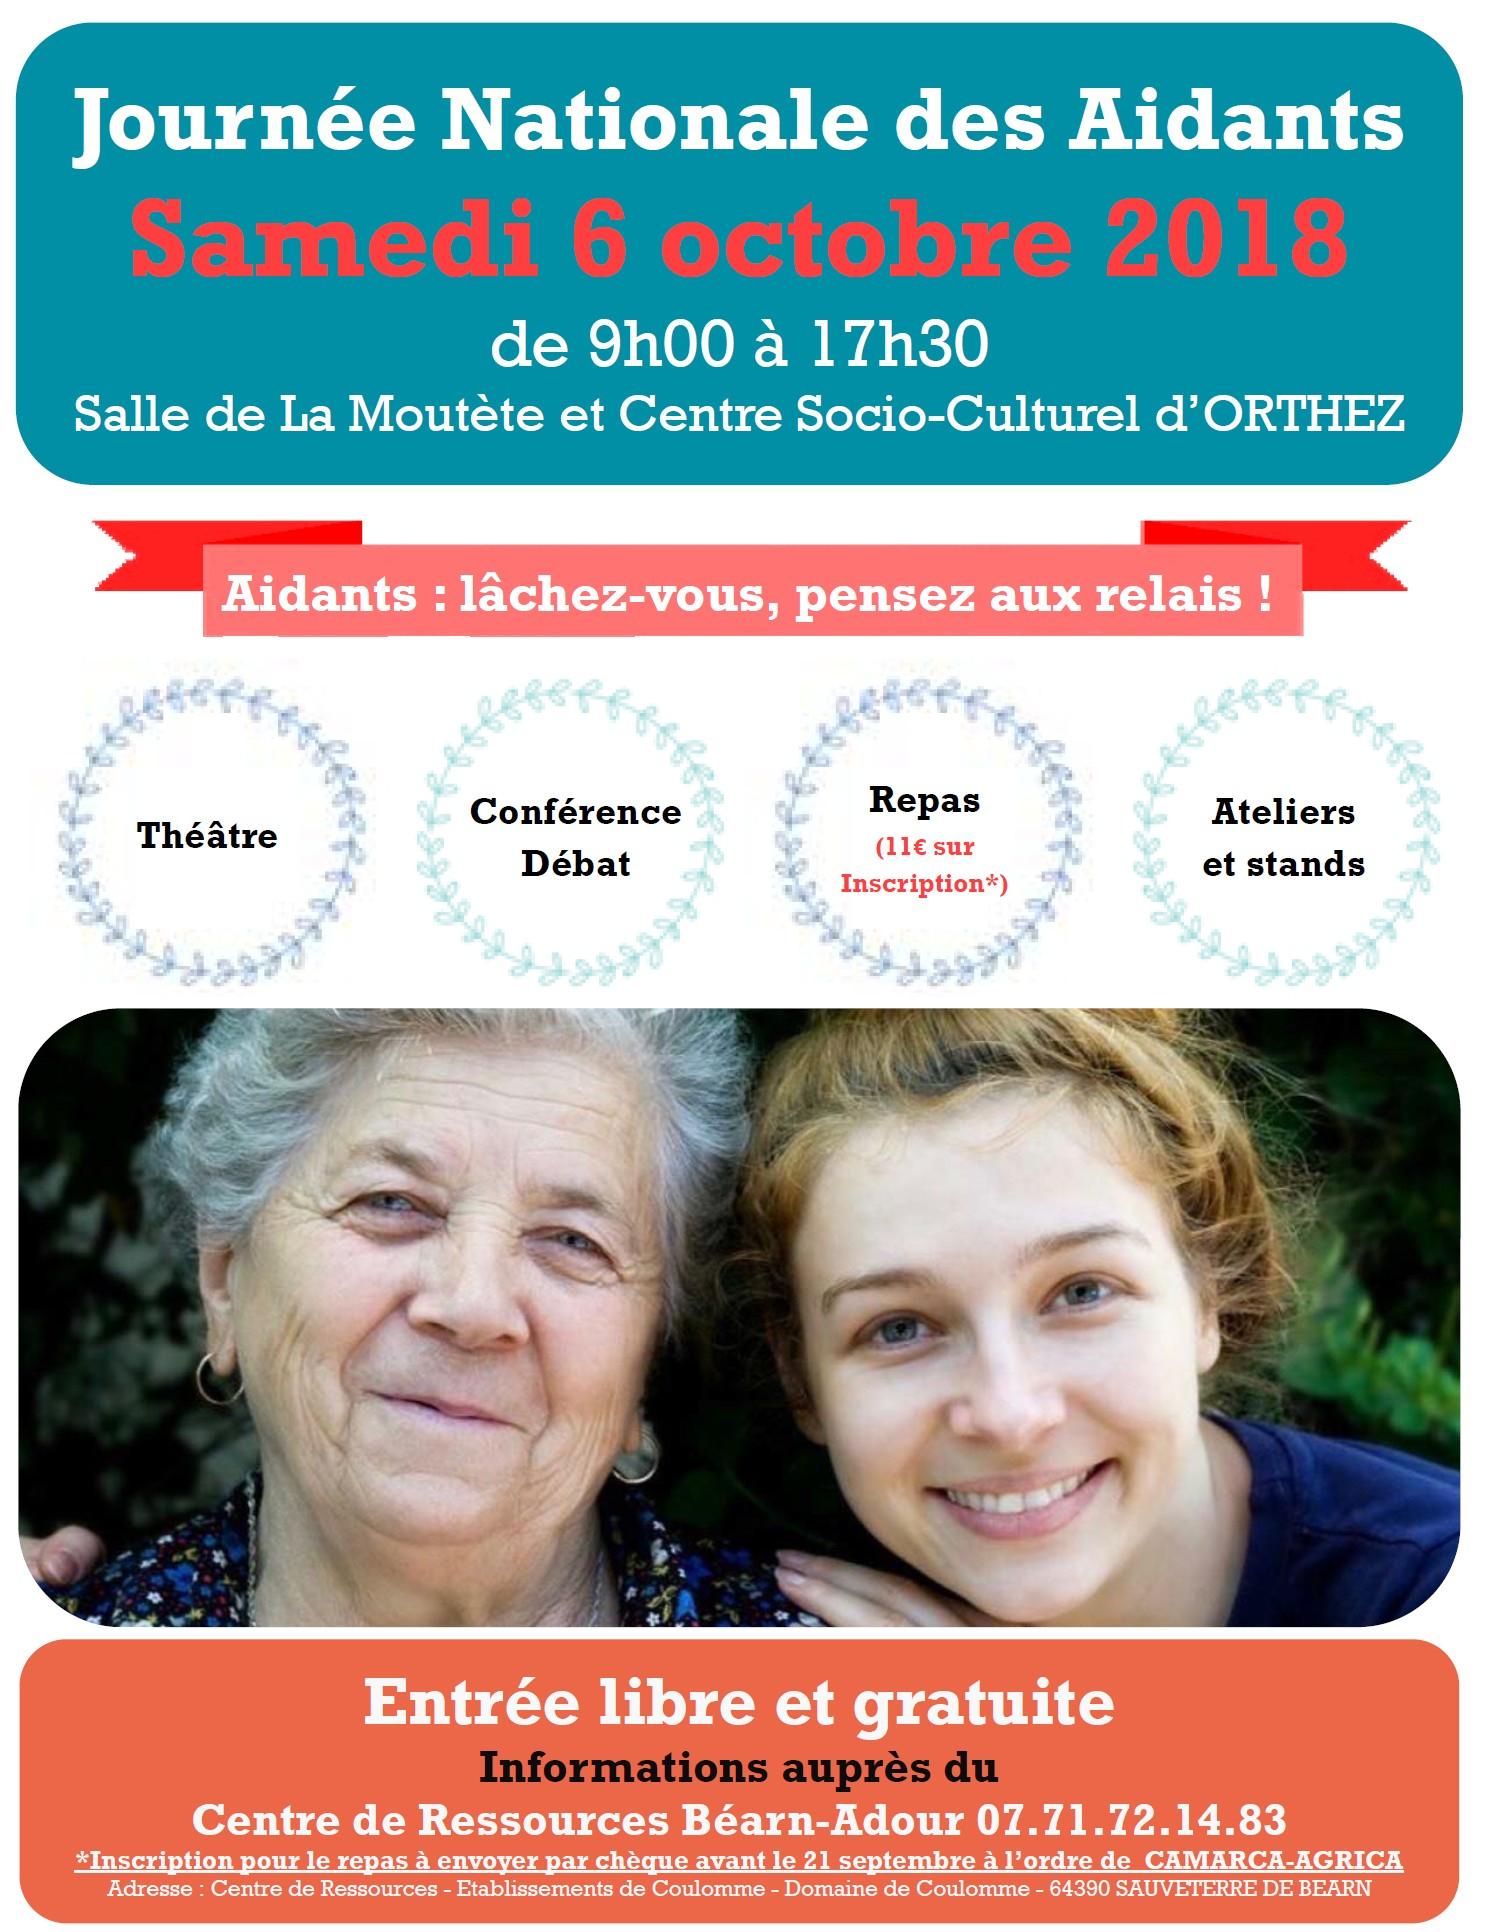 Journée nationale des aidants - ORTHEZ